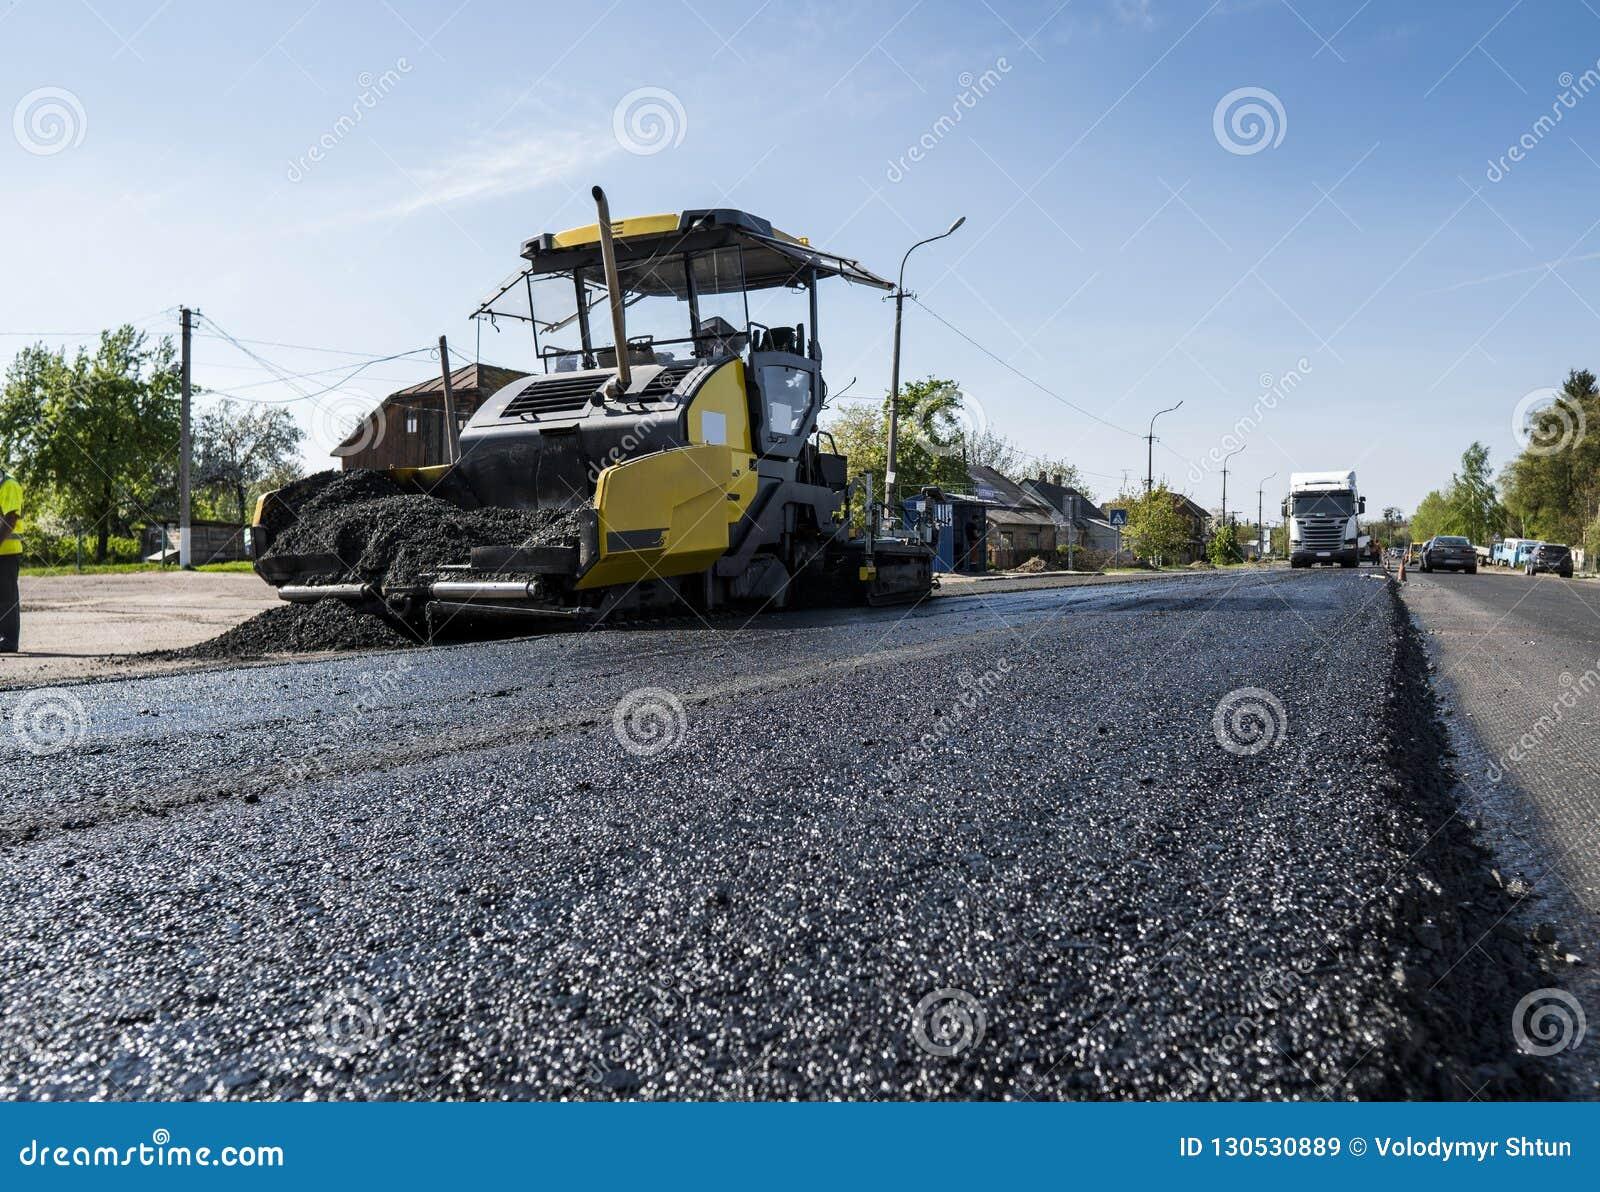 Машина paver асфальта работника работая во время строительства дорог и ремонтировать работает Фертиг-аппарат paver, фертиг-аппара